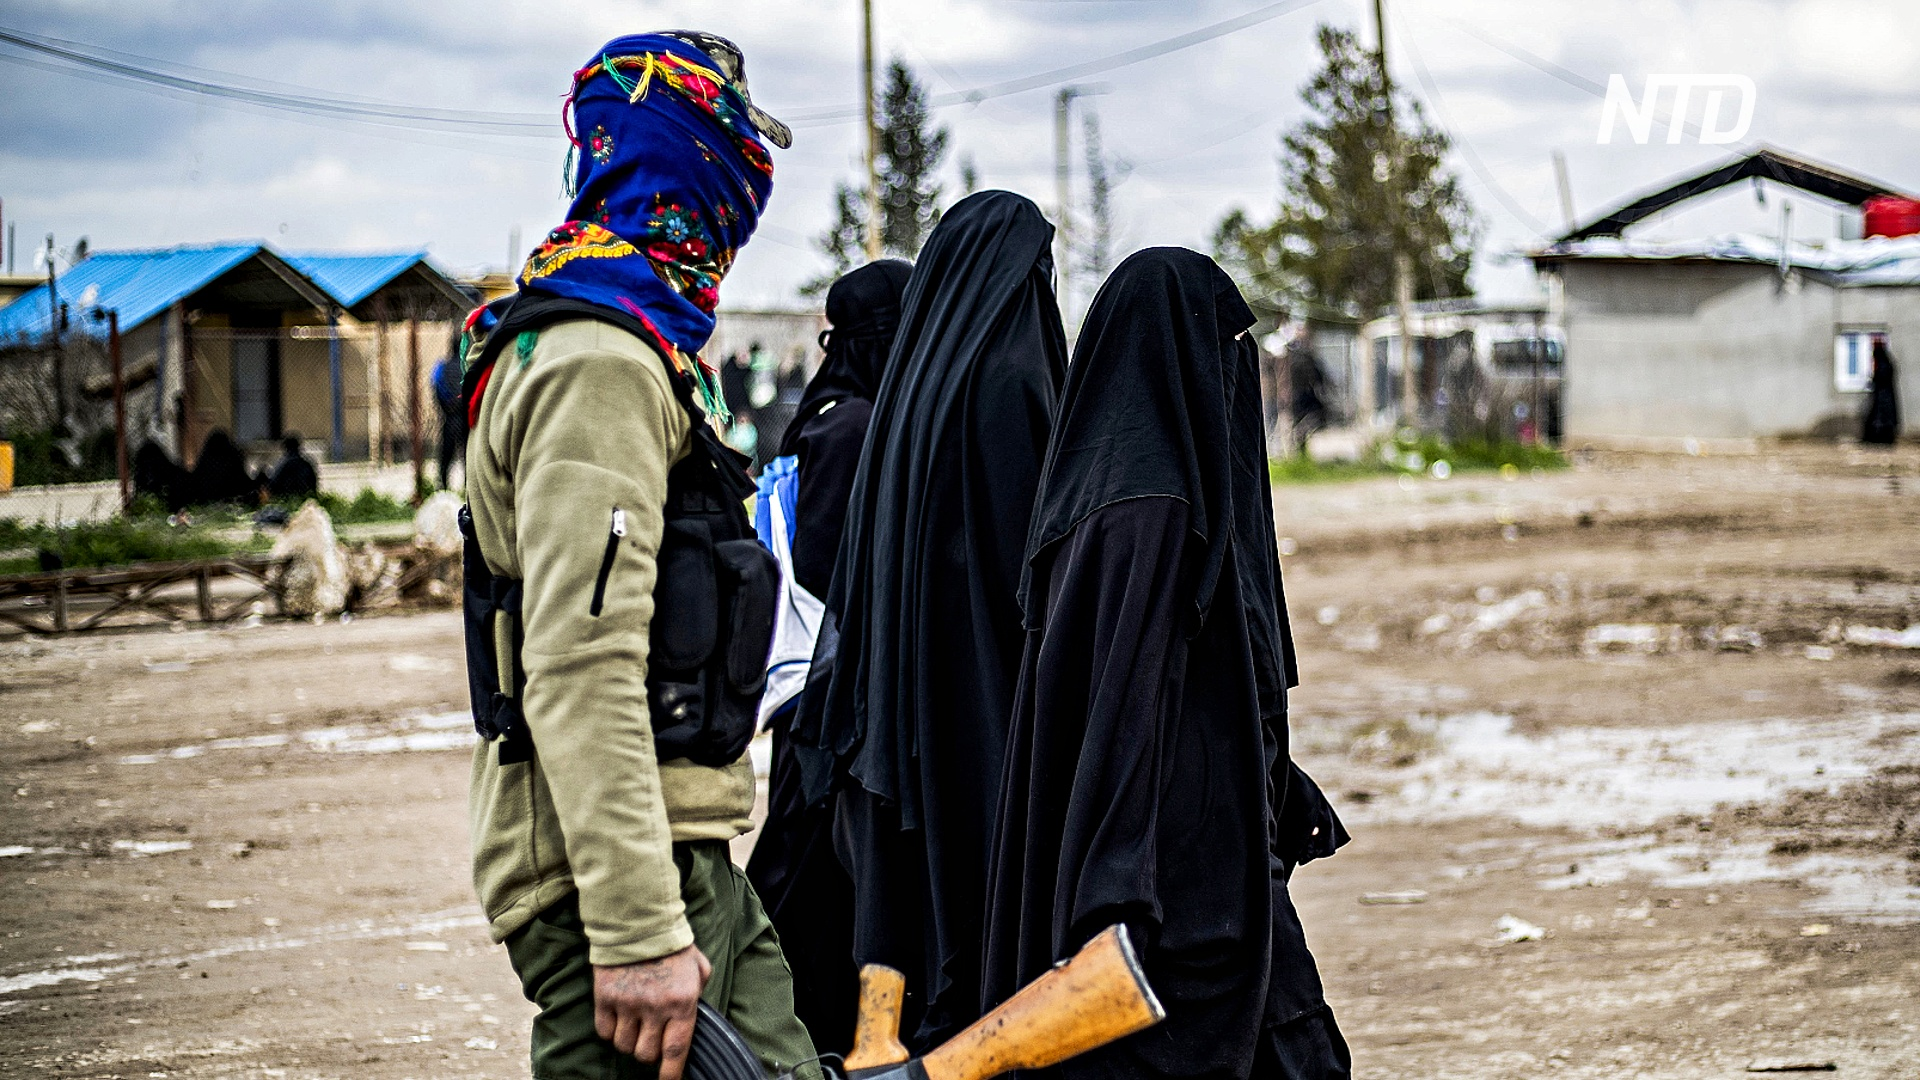 УВКПЧ ООН: экс-боевиков ИГИЛ нужно либо судить, либо отпустить